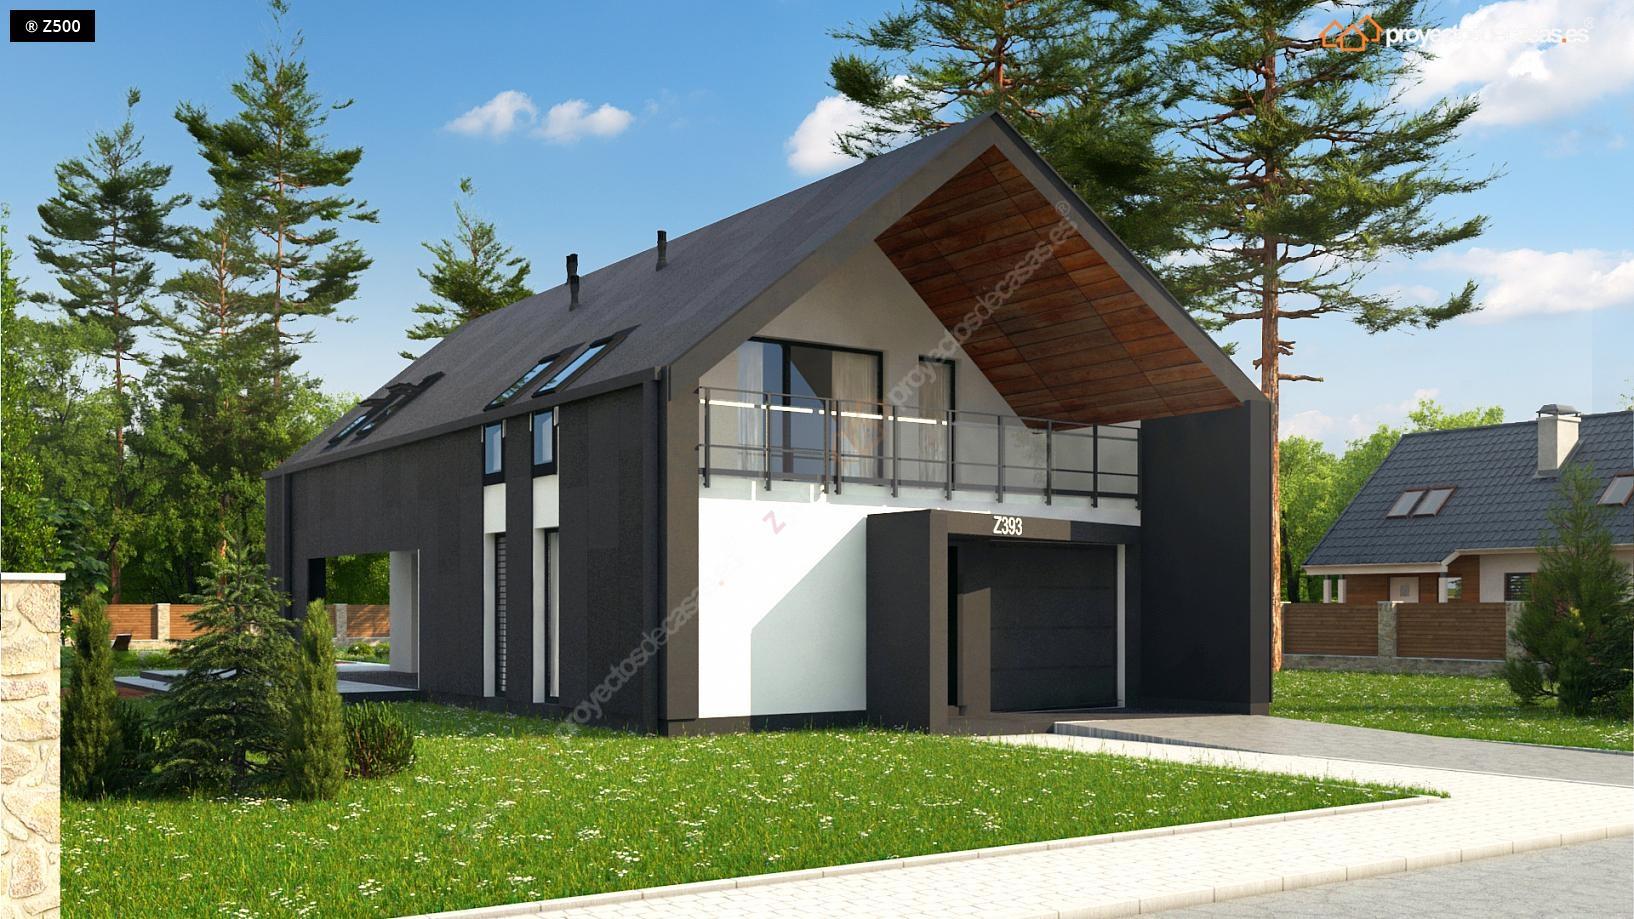 Proyectos de casas casa moderna con piscina for Cubiertas para casas